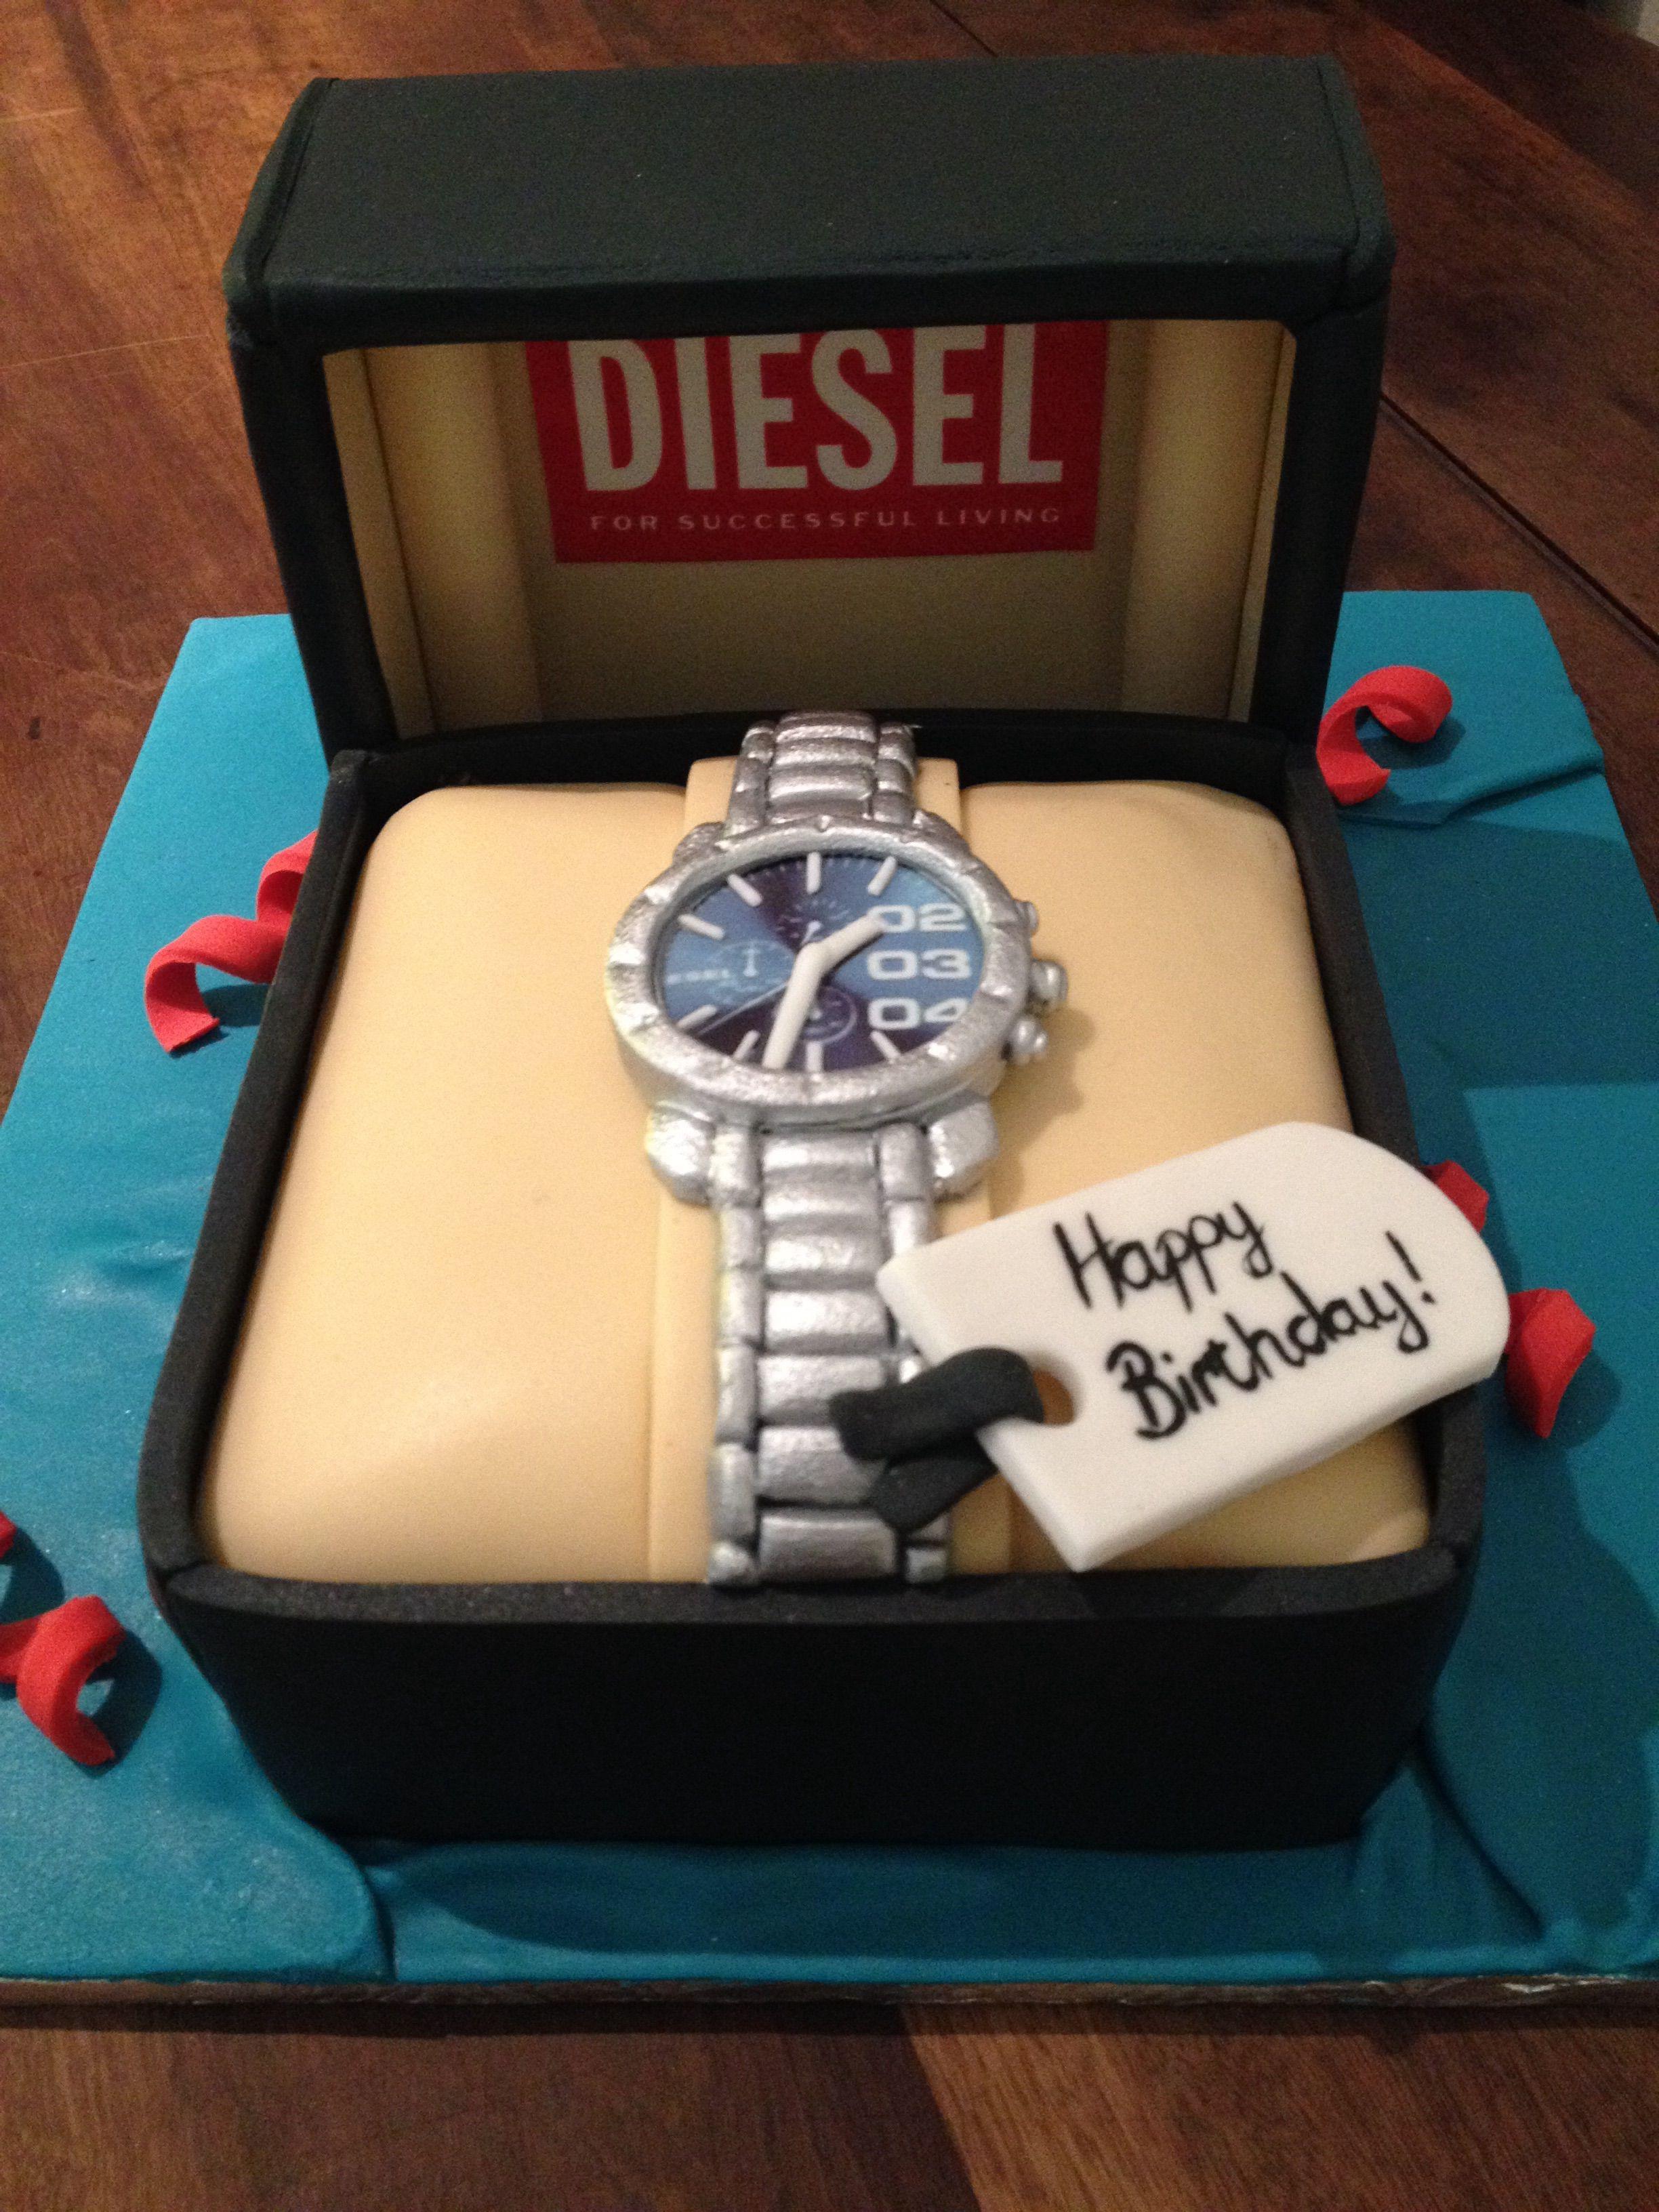 Guys Burthday Cake Birthday Cakes For Men Take The Cake Diesel Living